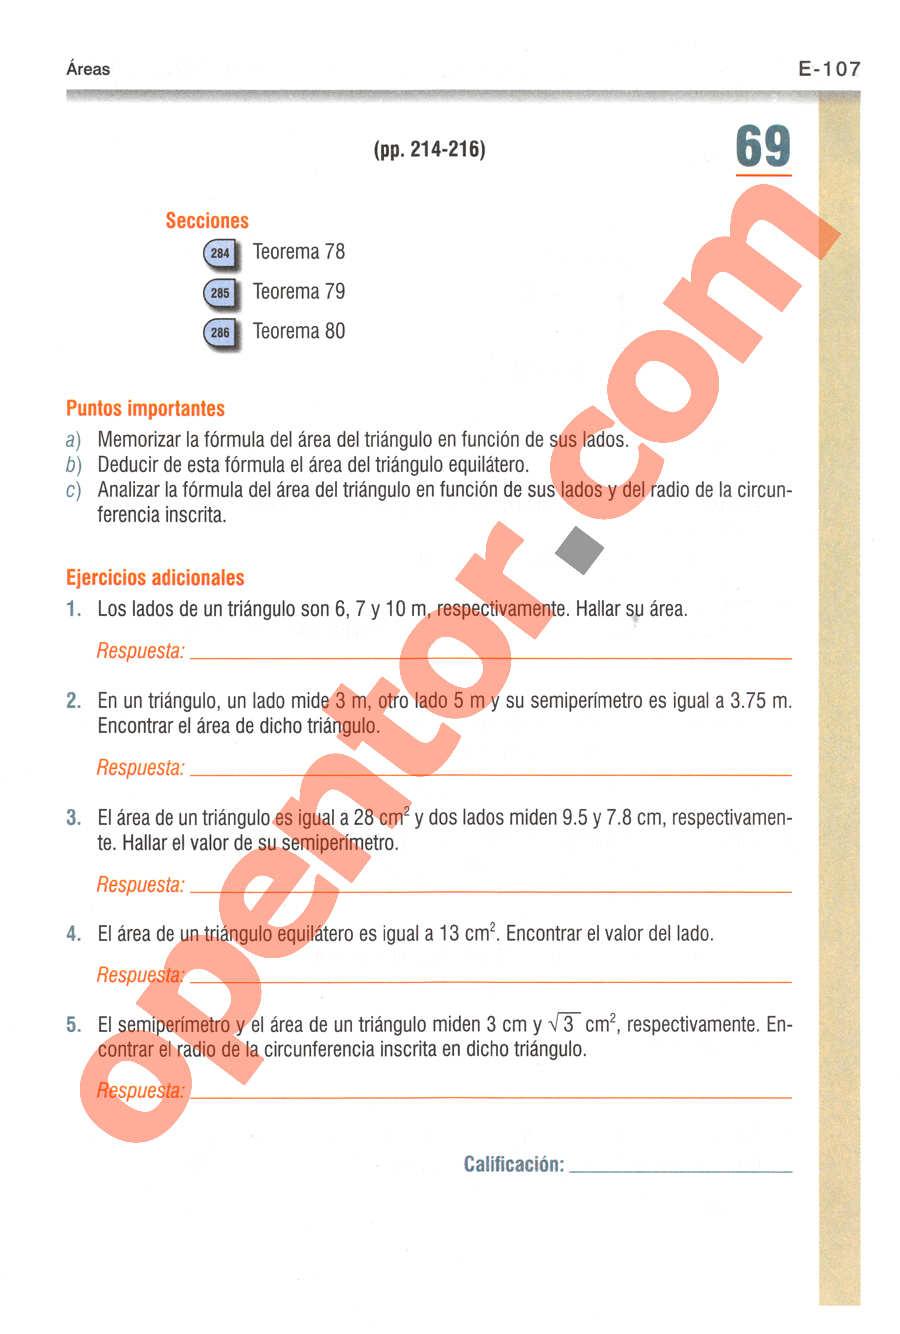 Geometría y Trigonometría de Baldor - Página E107